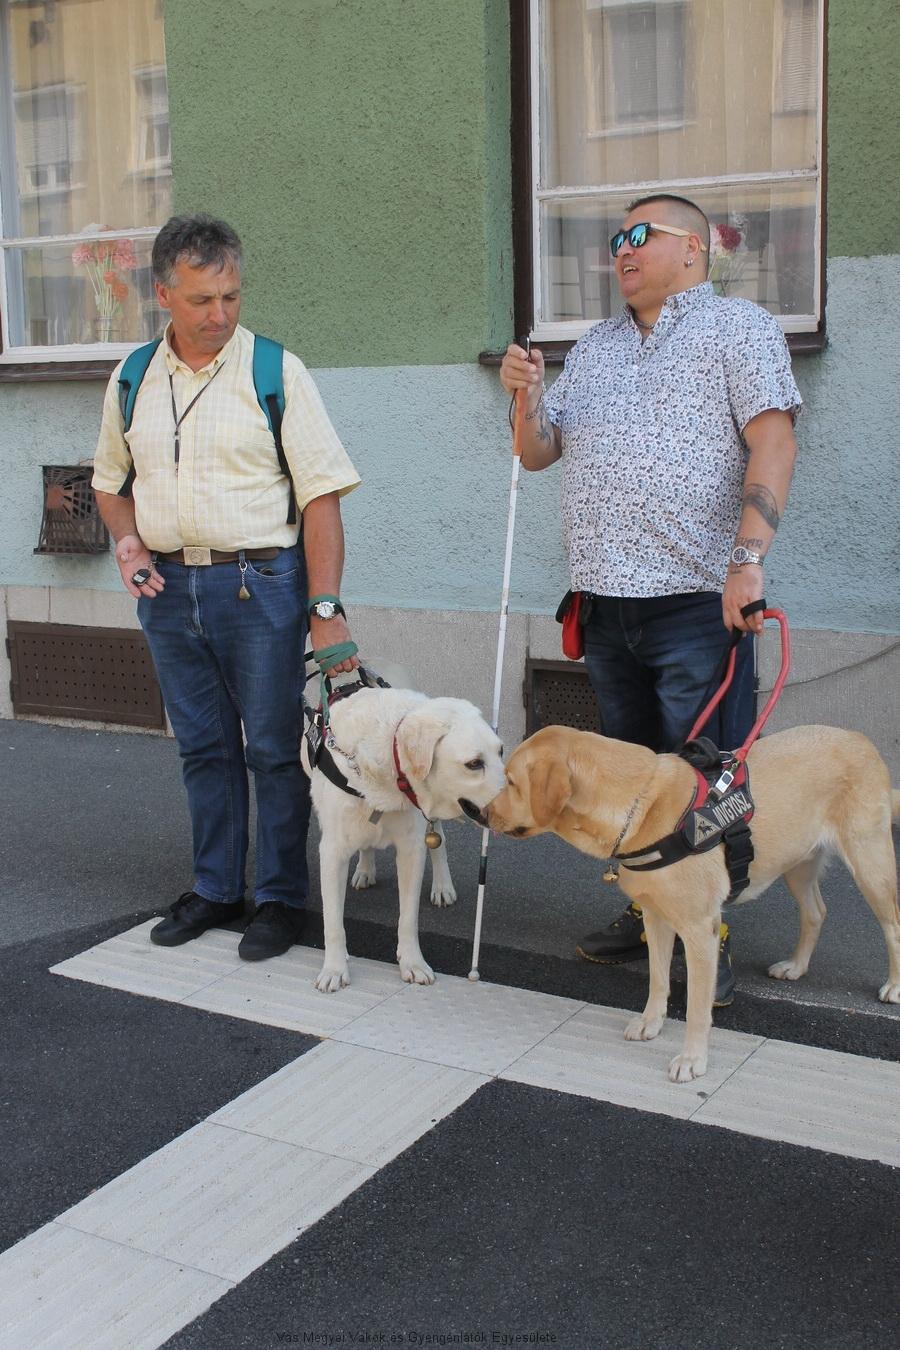 Bősze György és Varga Olivér kutyáikkal a távkapcsolót próbálják.